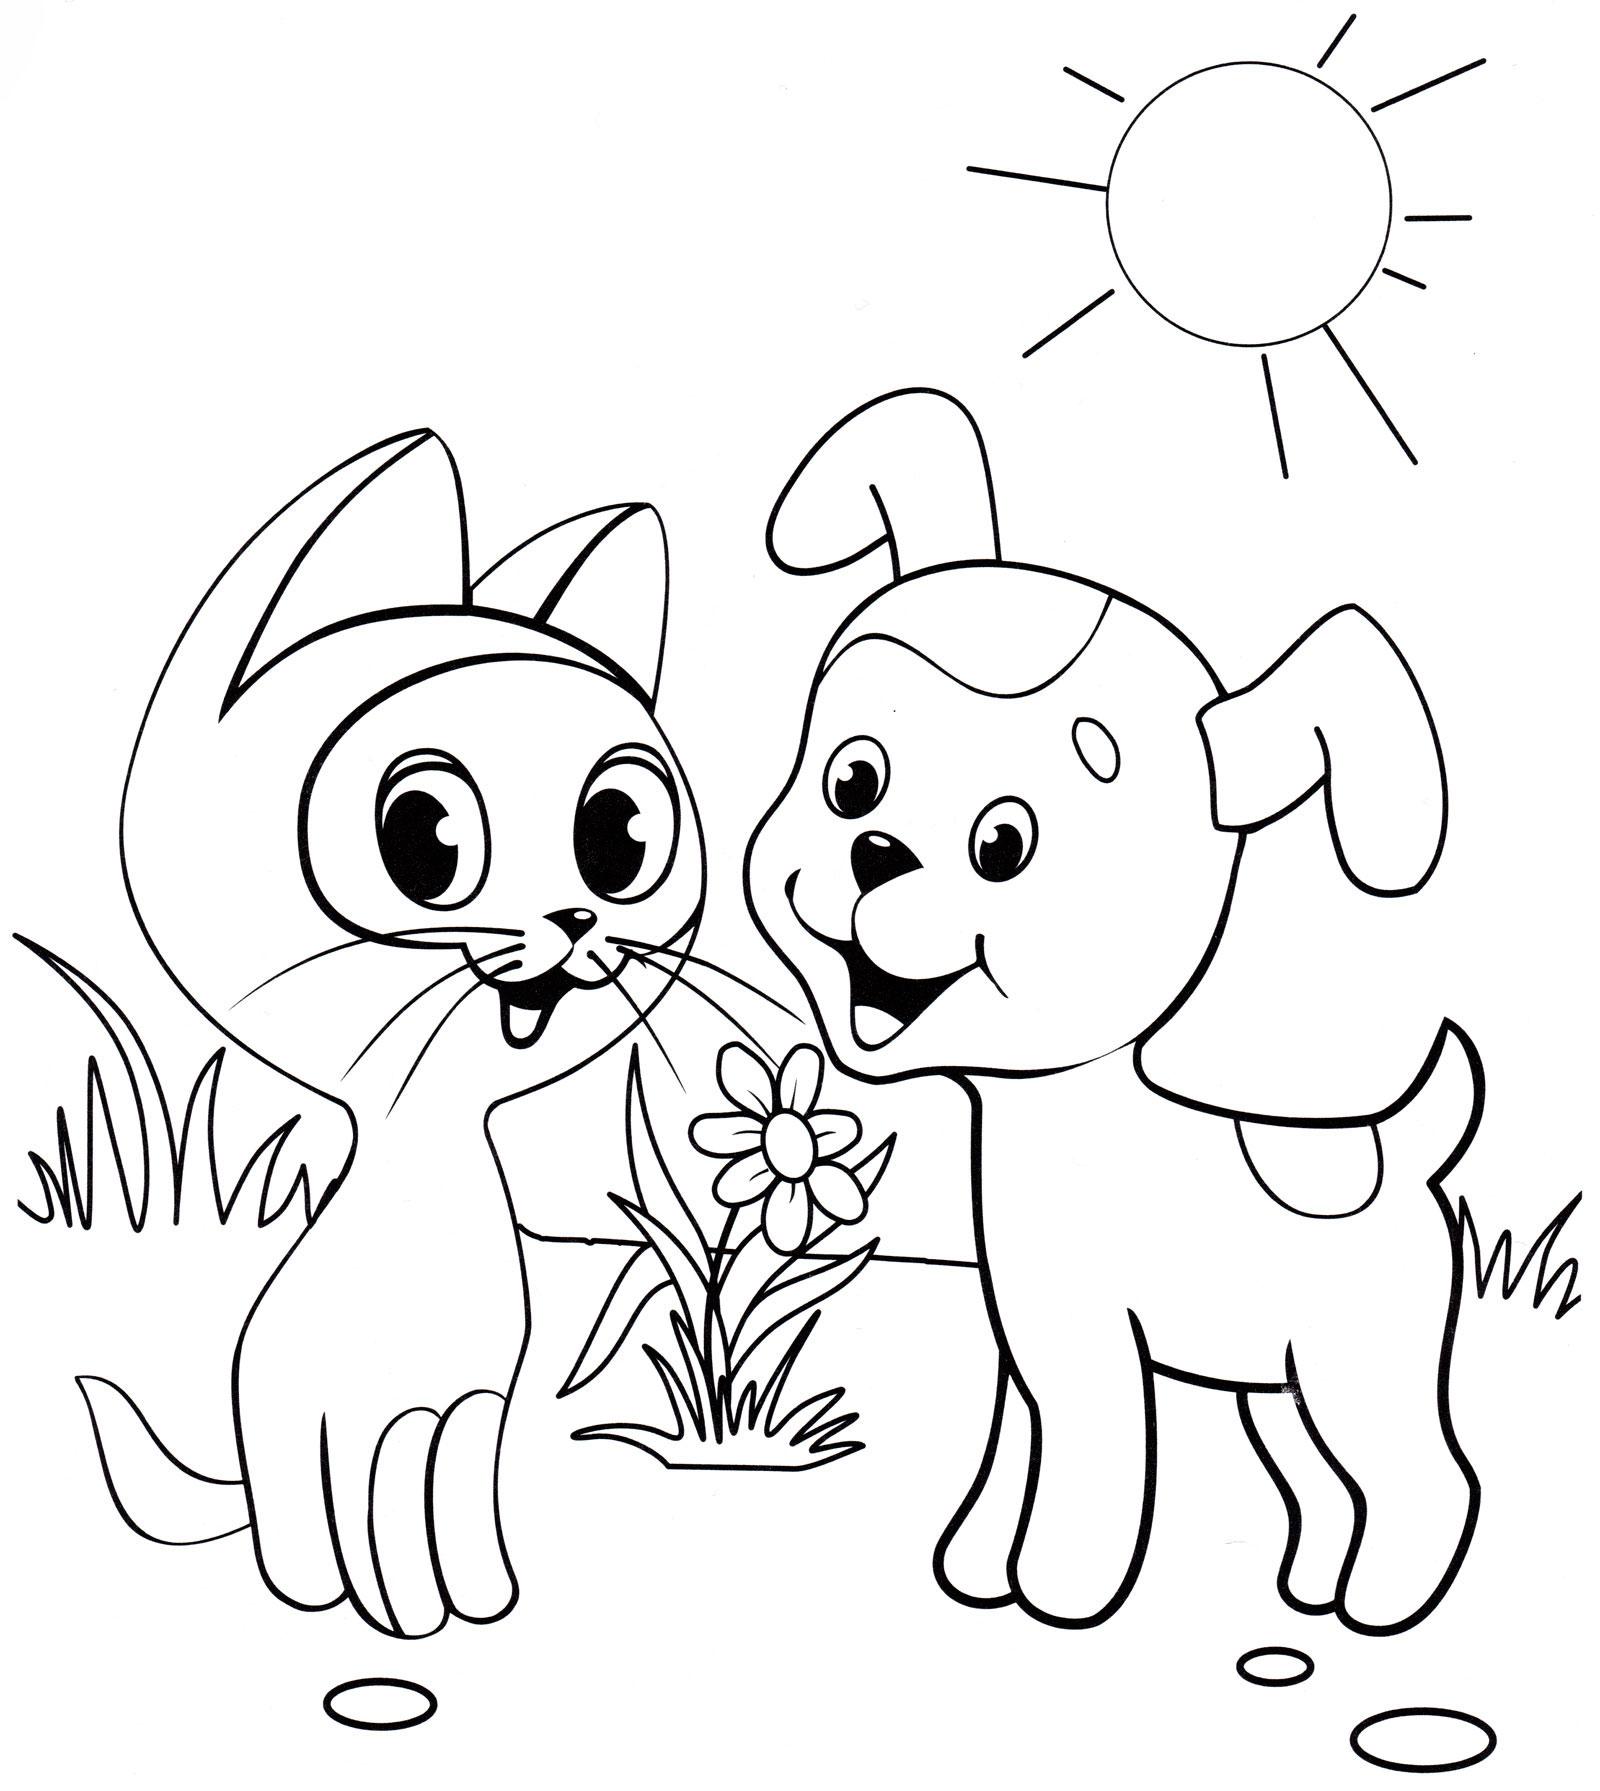 Раскраска Котенок Гав и щенок из мультика Котенок Гав ...